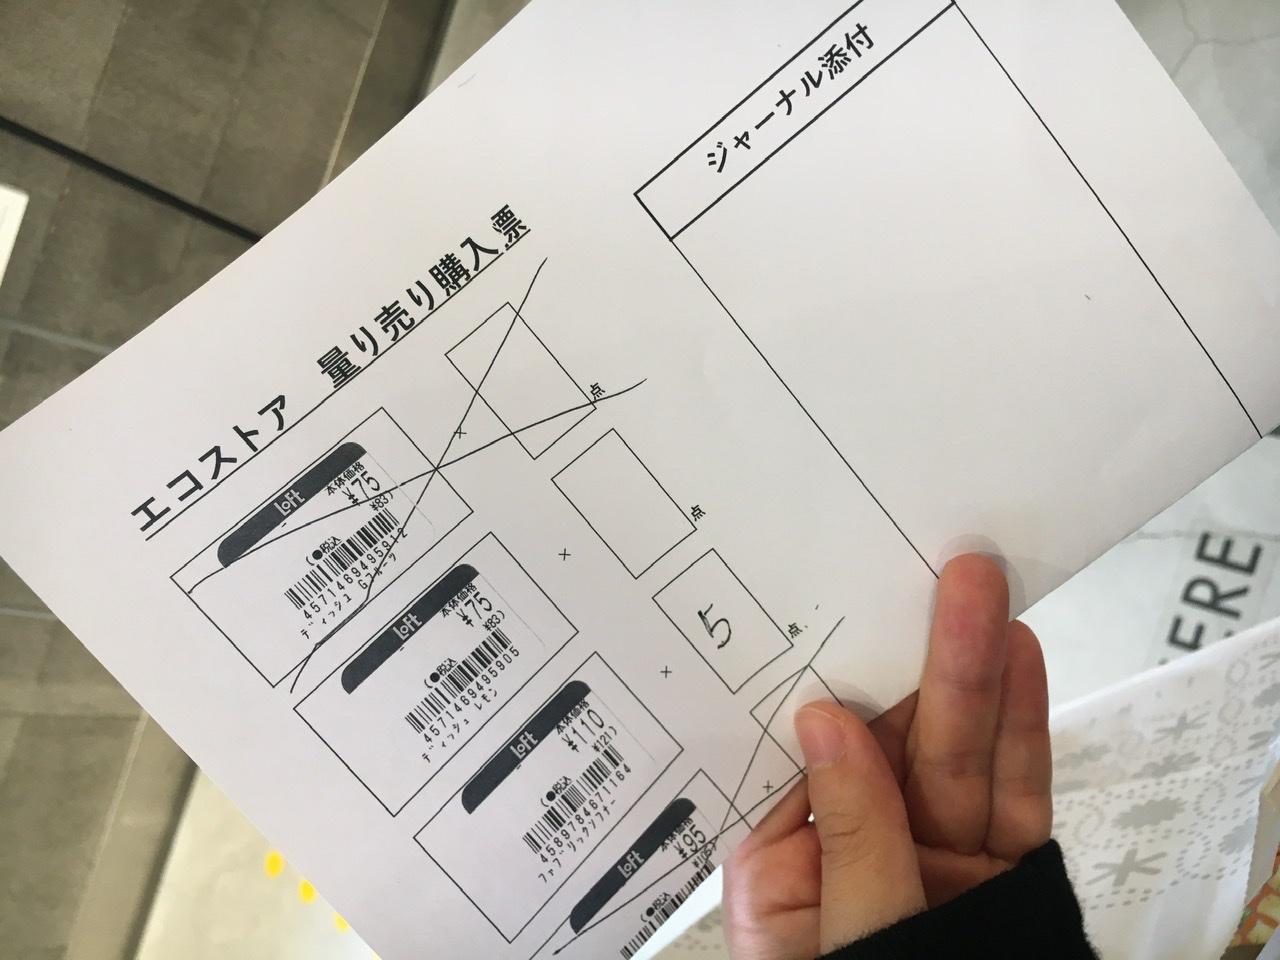 【サスティナブル】洗剤は詰め替える時代へ。《eco store》ではじめるサスティナブルな暮らし。_3